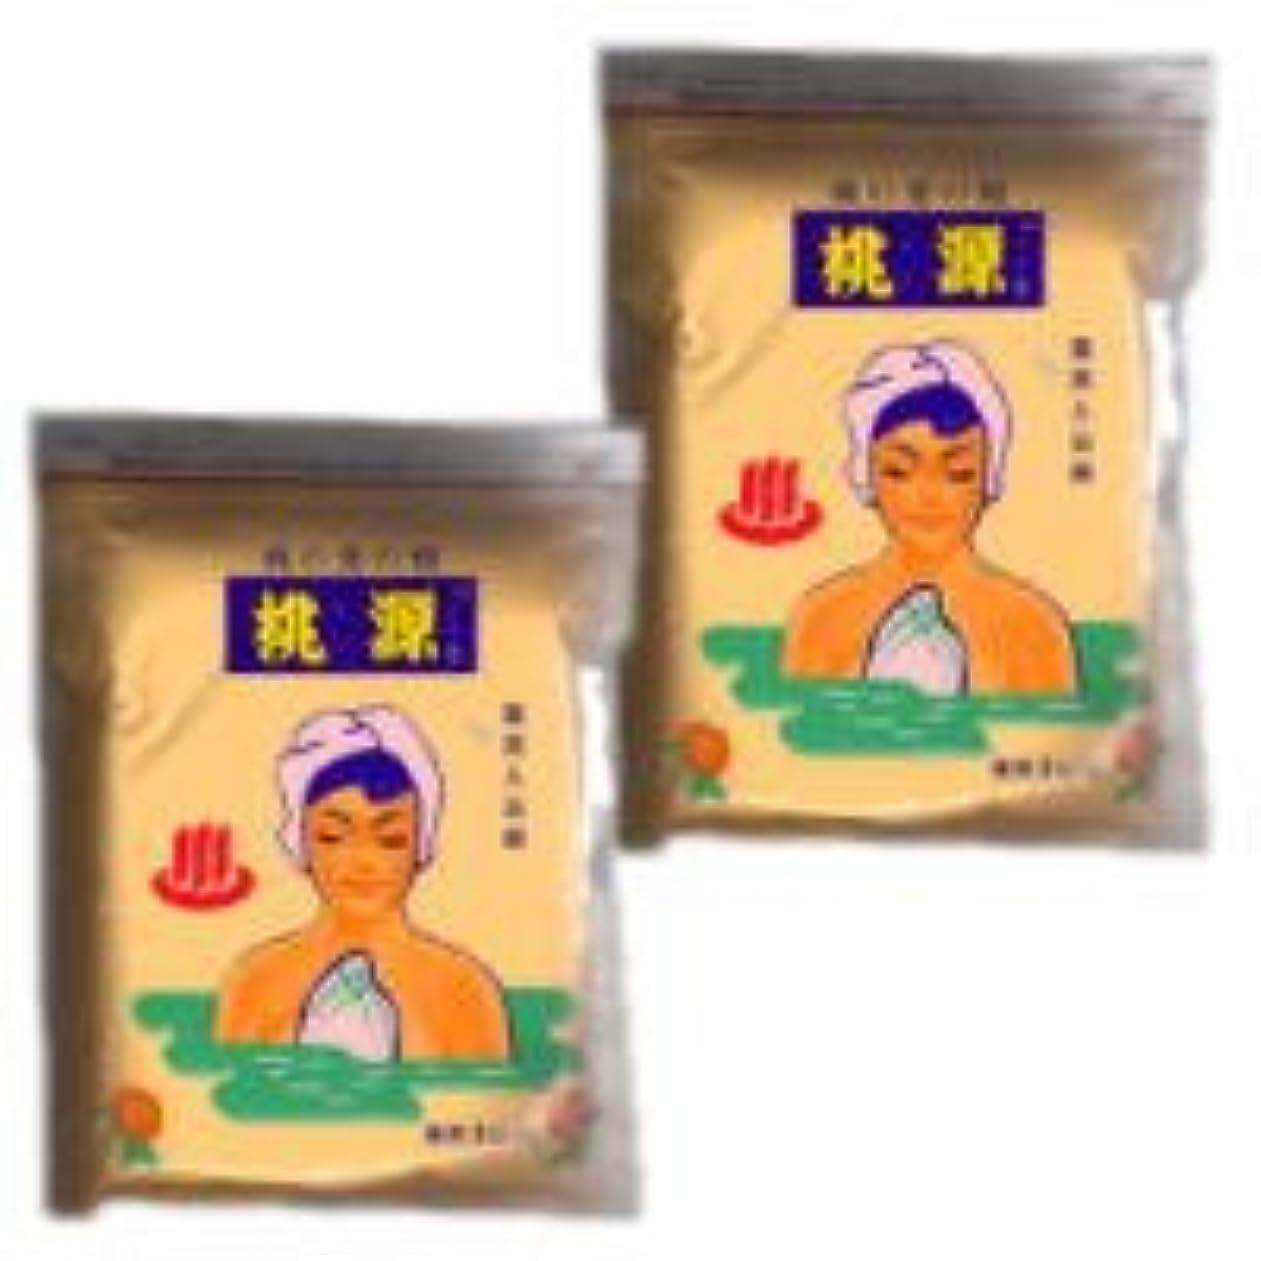 放送不十分なピース桃源(とうげん)s 桃の葉の精 1000g 袋入り 2個